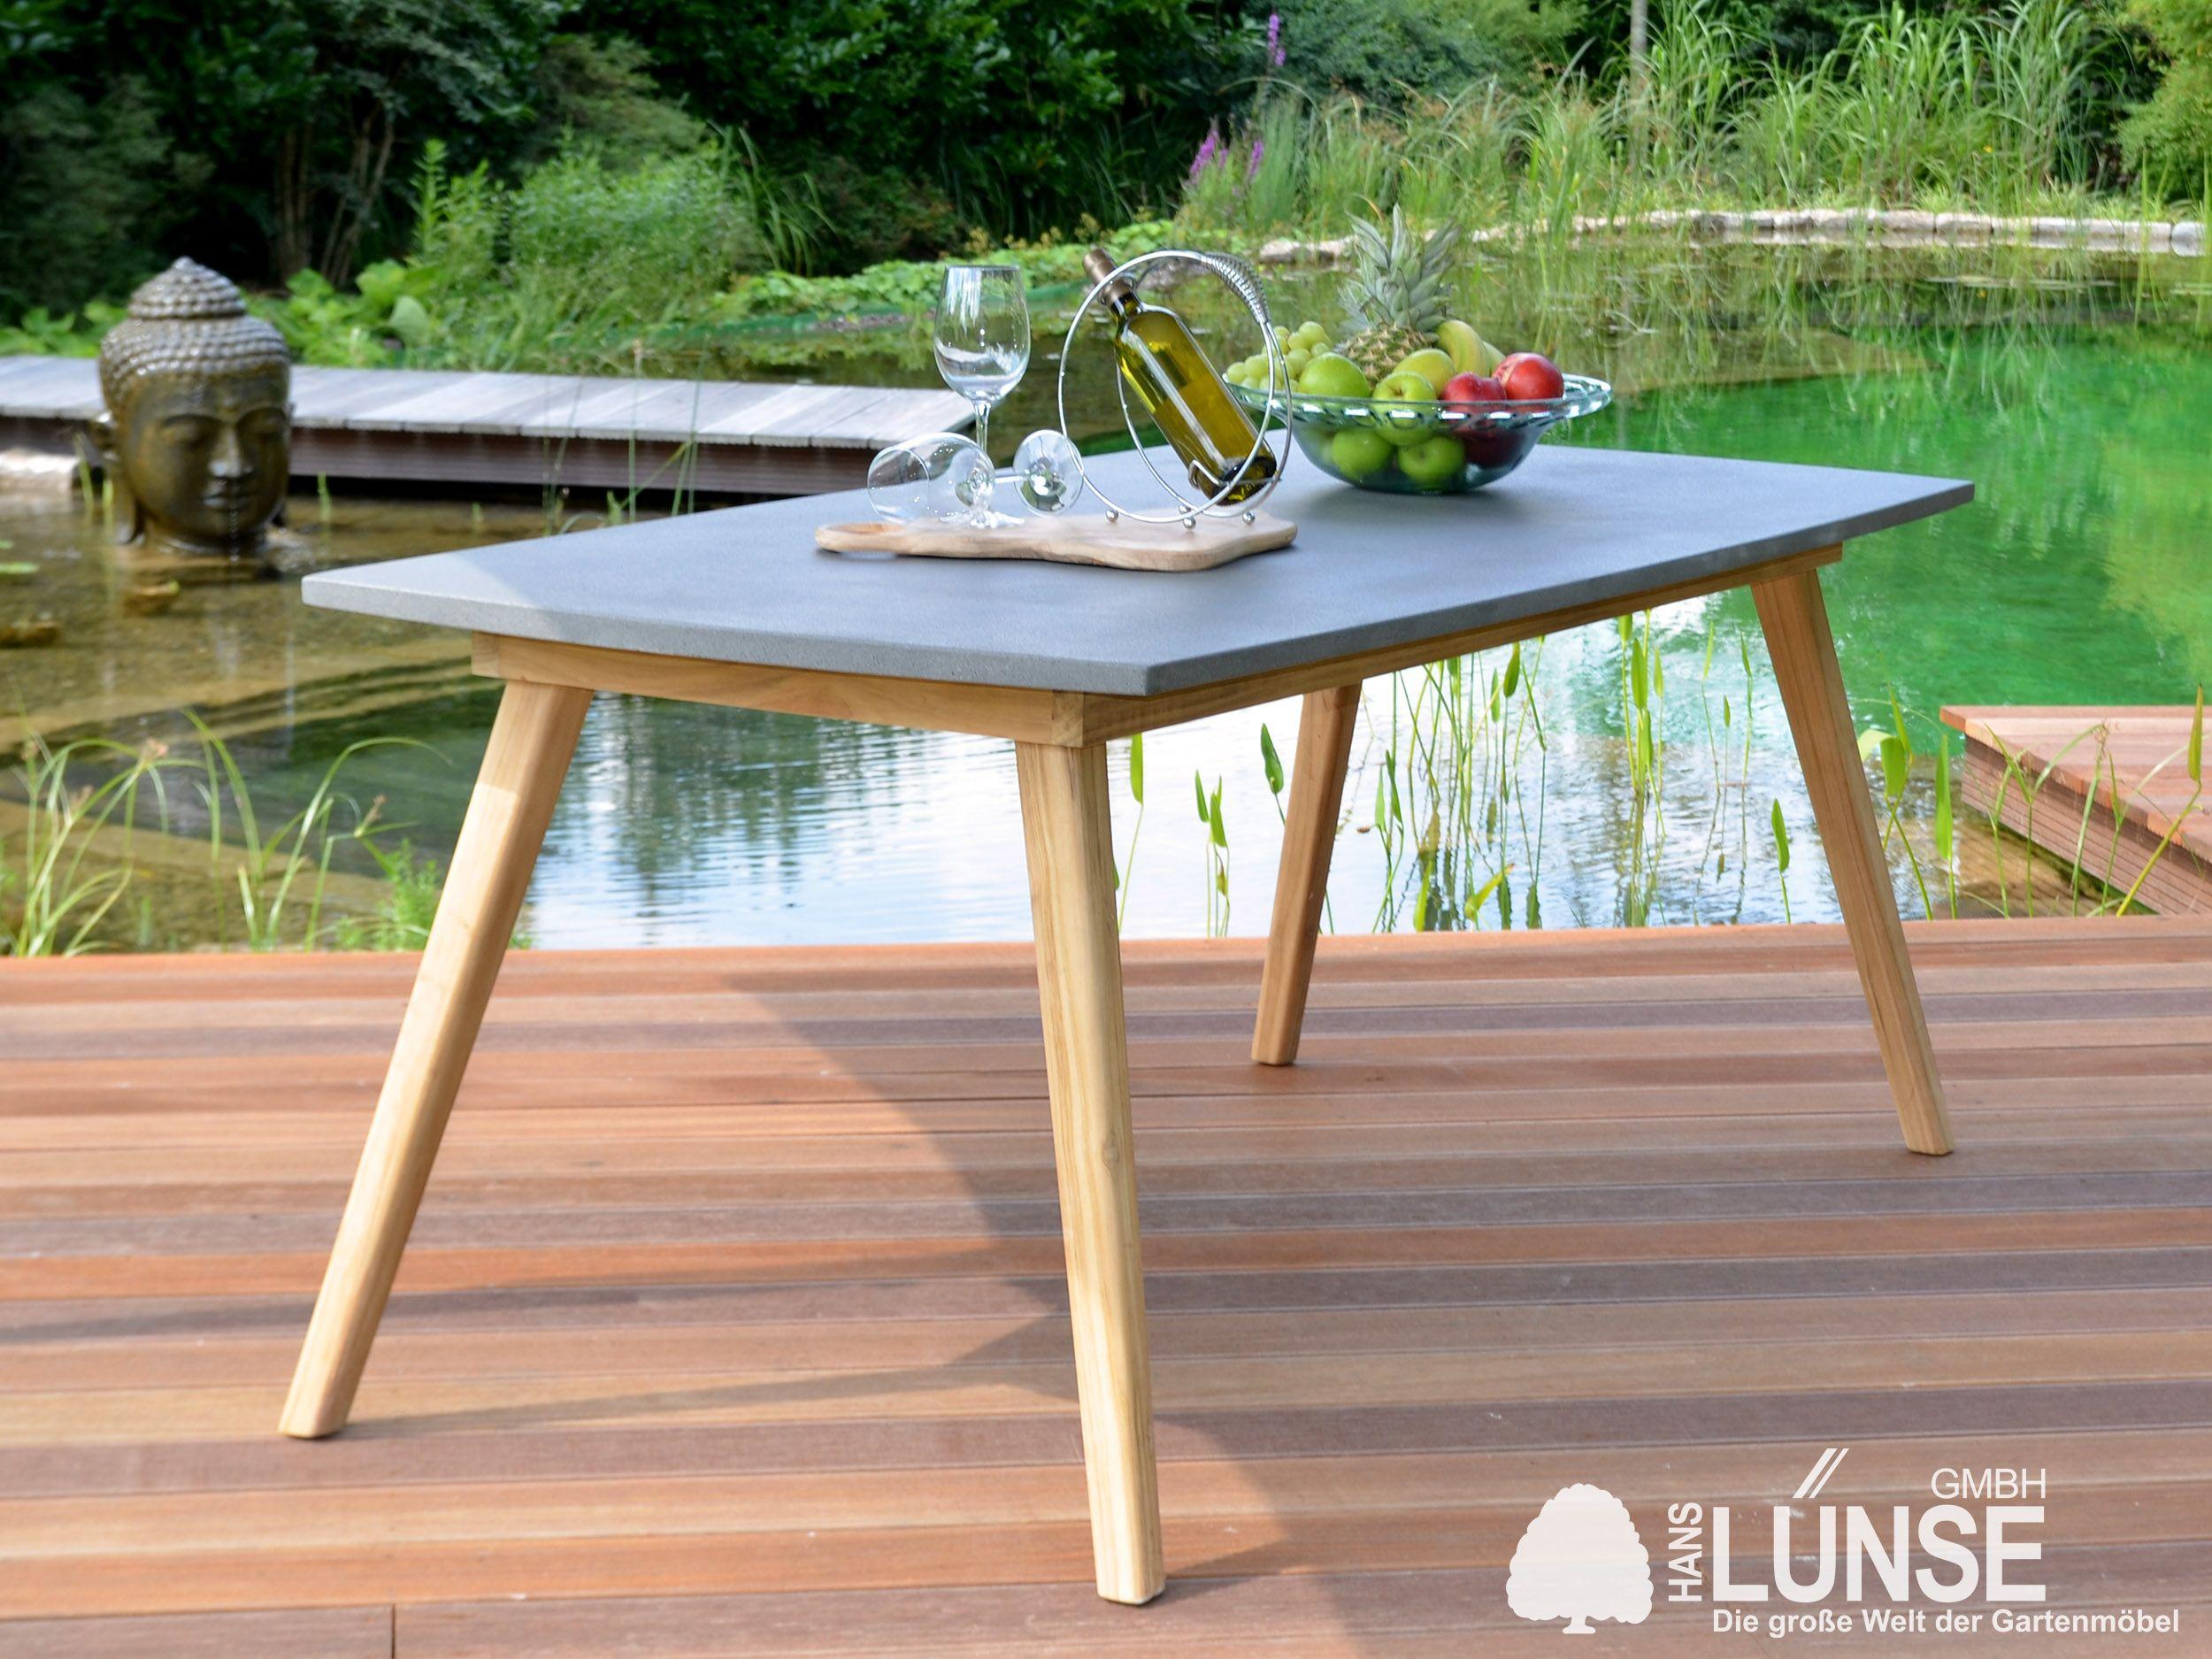 Ein Gartentisch Ist Meist Der Mittelpunkt Des Gartens Wer Wert Auf Asthetik Und Design Legt Wird Von Diesem Dining Tisch Begeis Teak Holz Gartentisch Teakholz